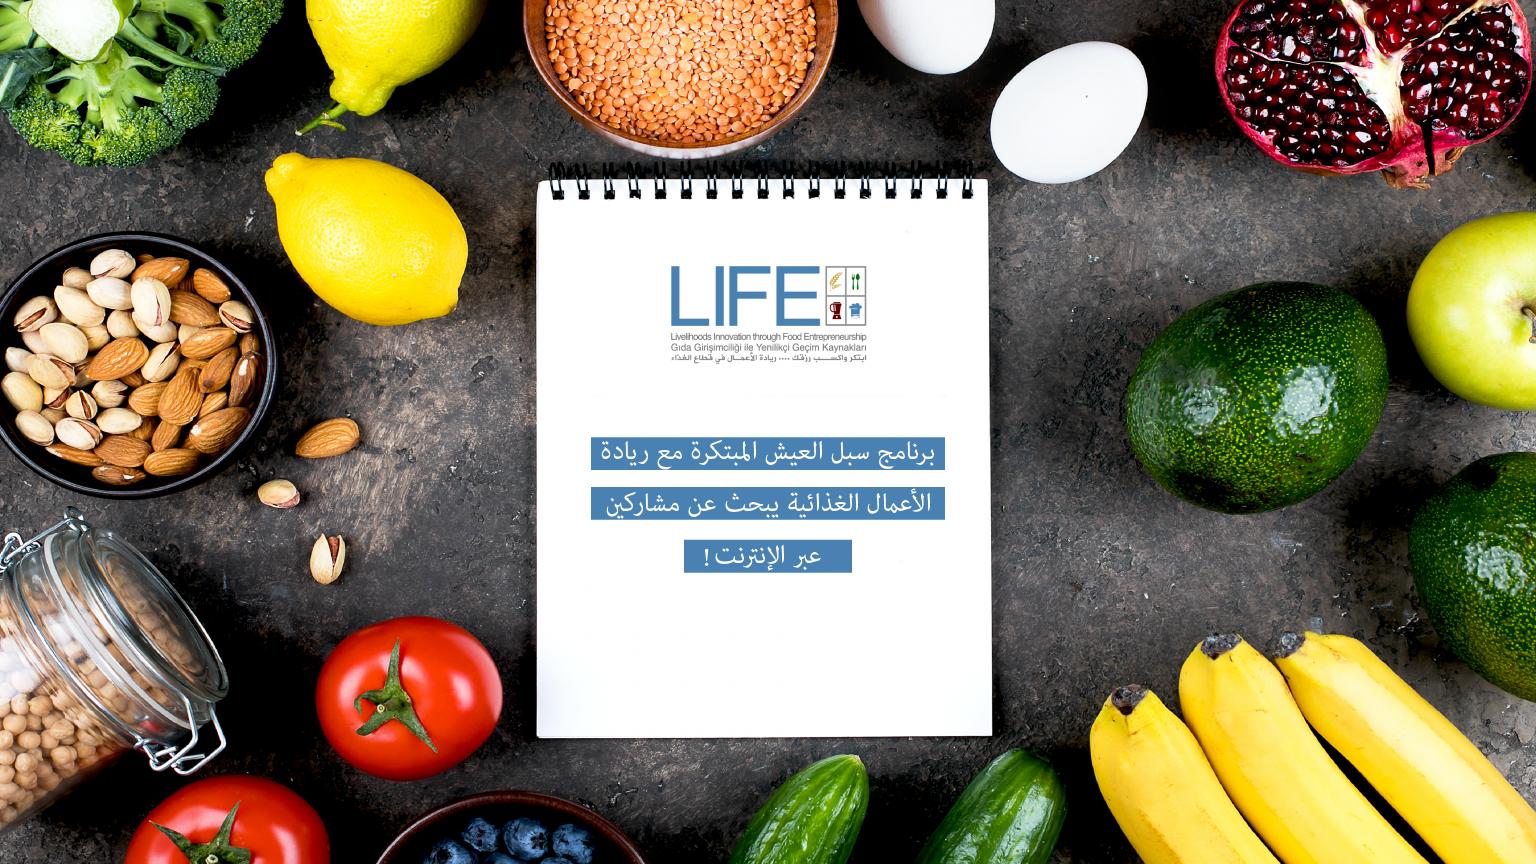 برنامج سبل العيش المبتكرة مع ريادة الأعمال الغذائية يبحث عن مشاركين عبر الإنترنت